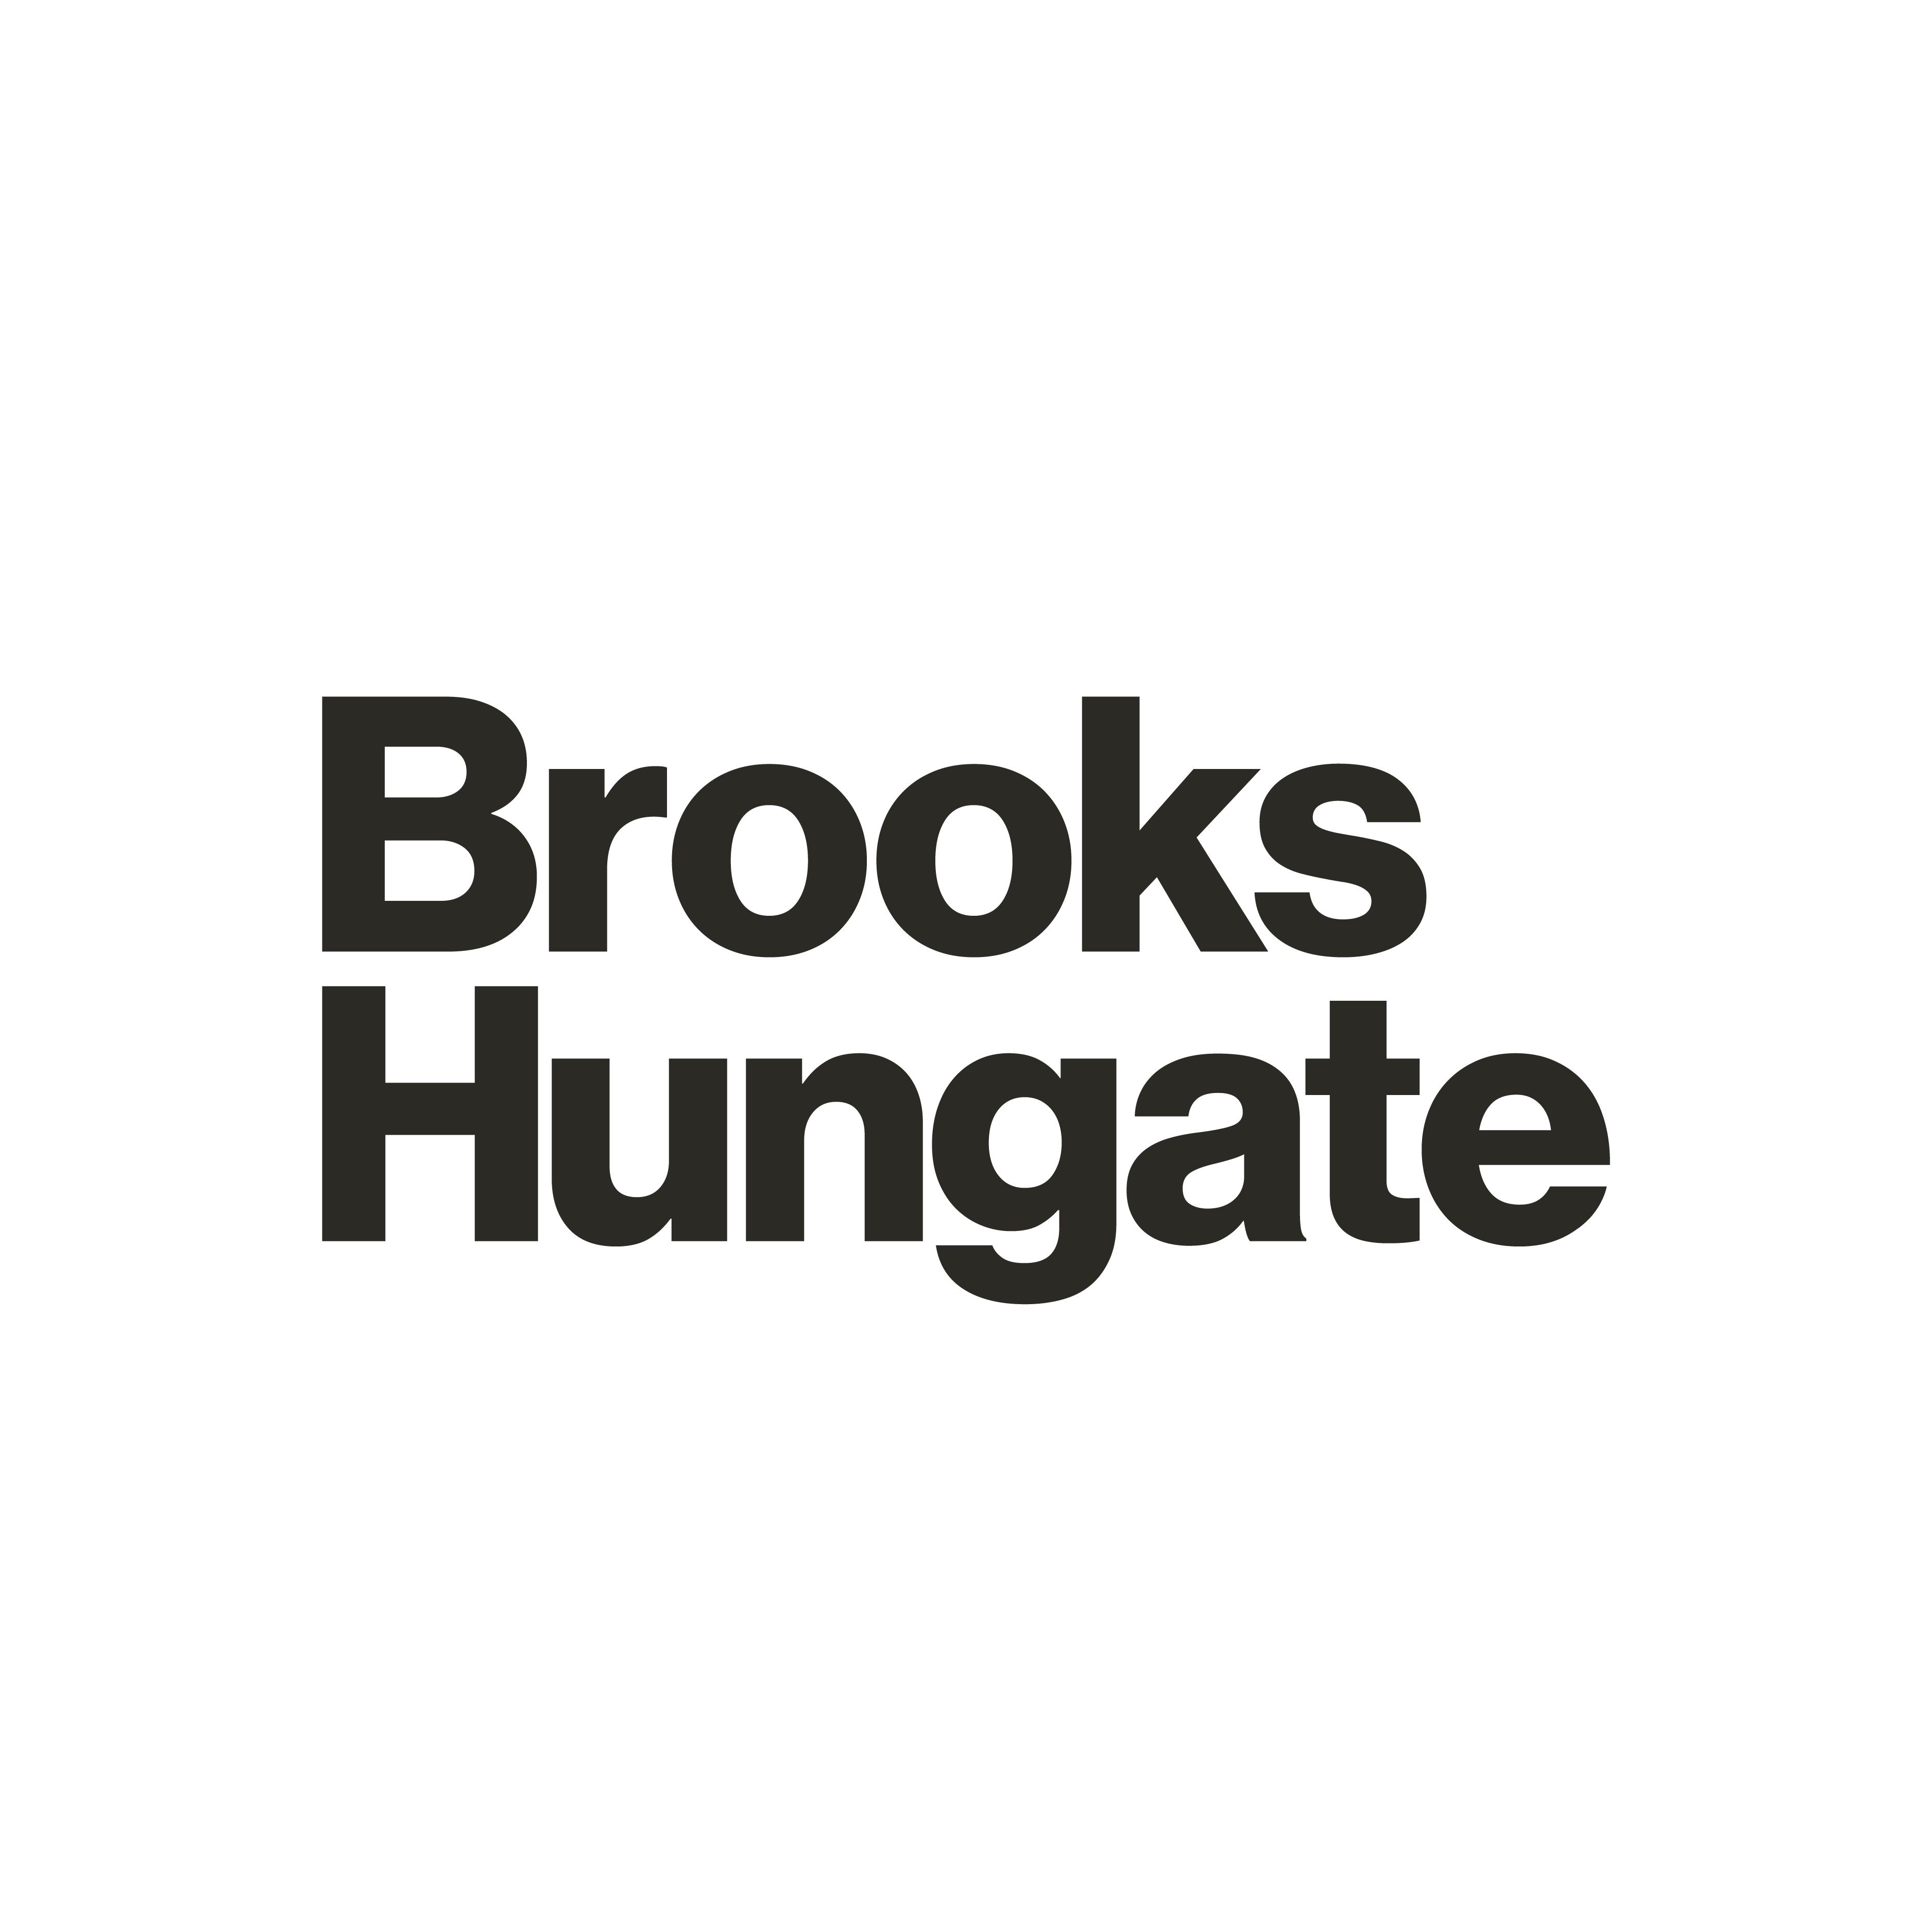 Brooks Hungate on LogoLounge